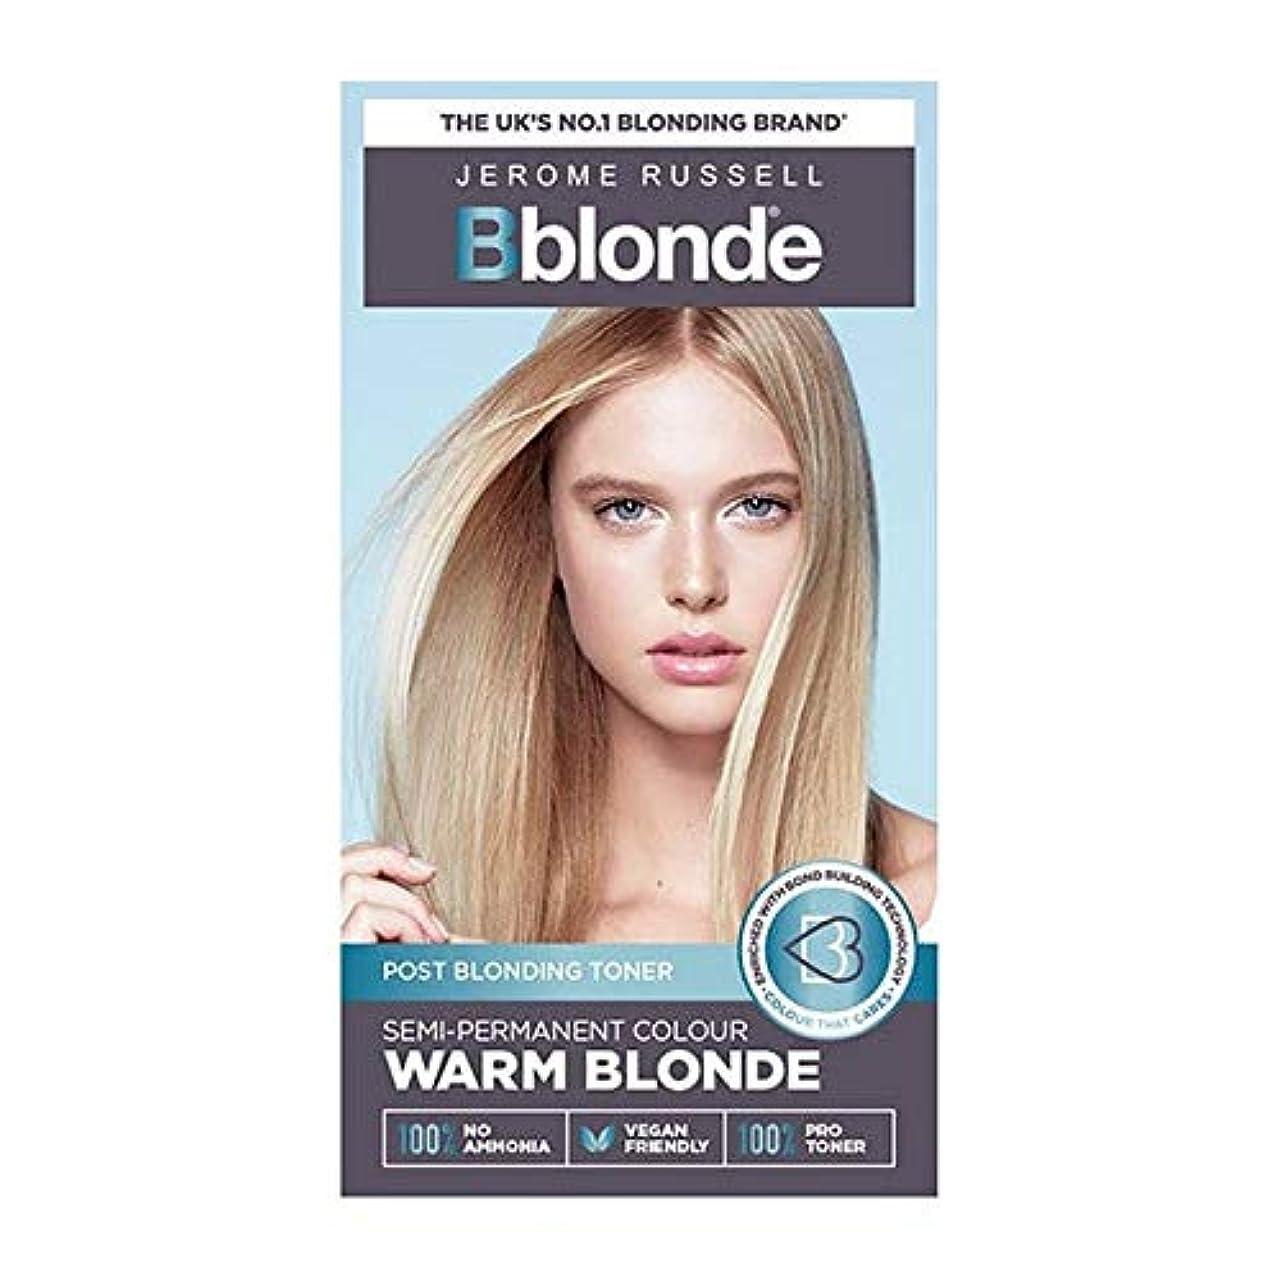 混沌混沌から聞く[Jerome Russell ] ジェロームラッセルBblonde半恒久的なトナー暖かいブロンド - Jerome Russell Bblonde Semi Permanent Toner Warm Blonde [並行輸入品]